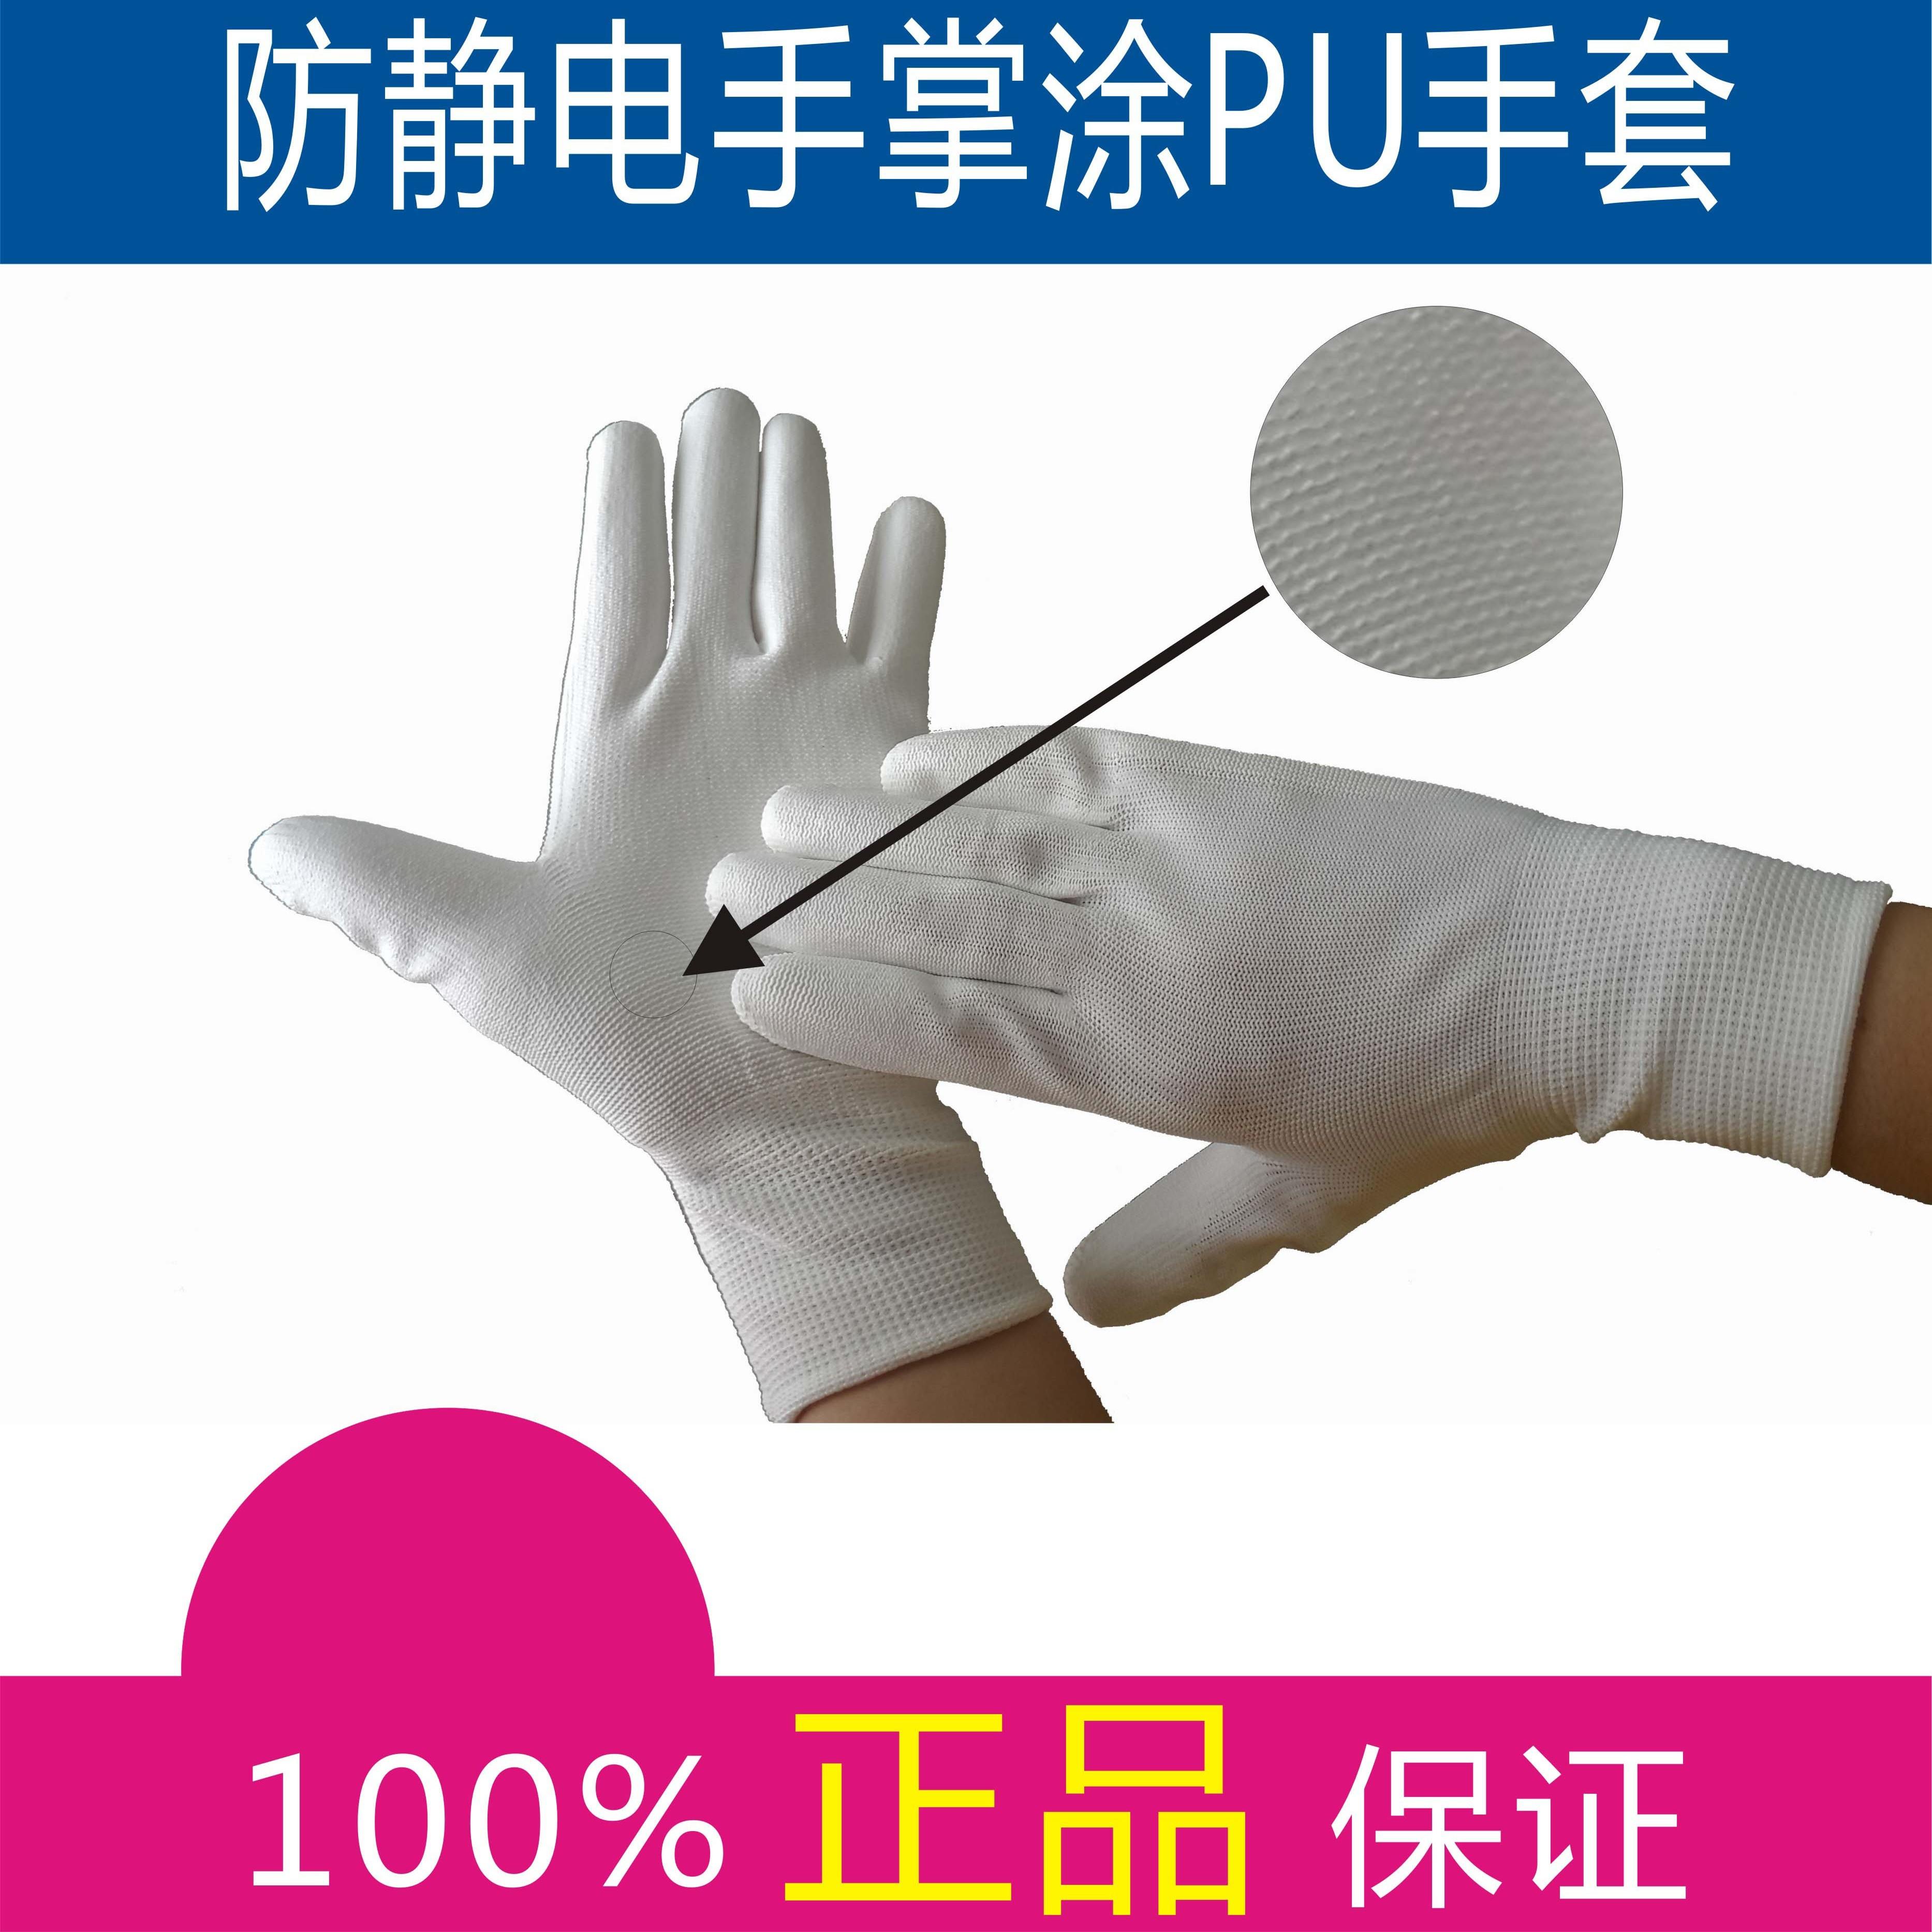 PU涂指手掌无尘防静电手套PU尼龙手掌涂PU手套